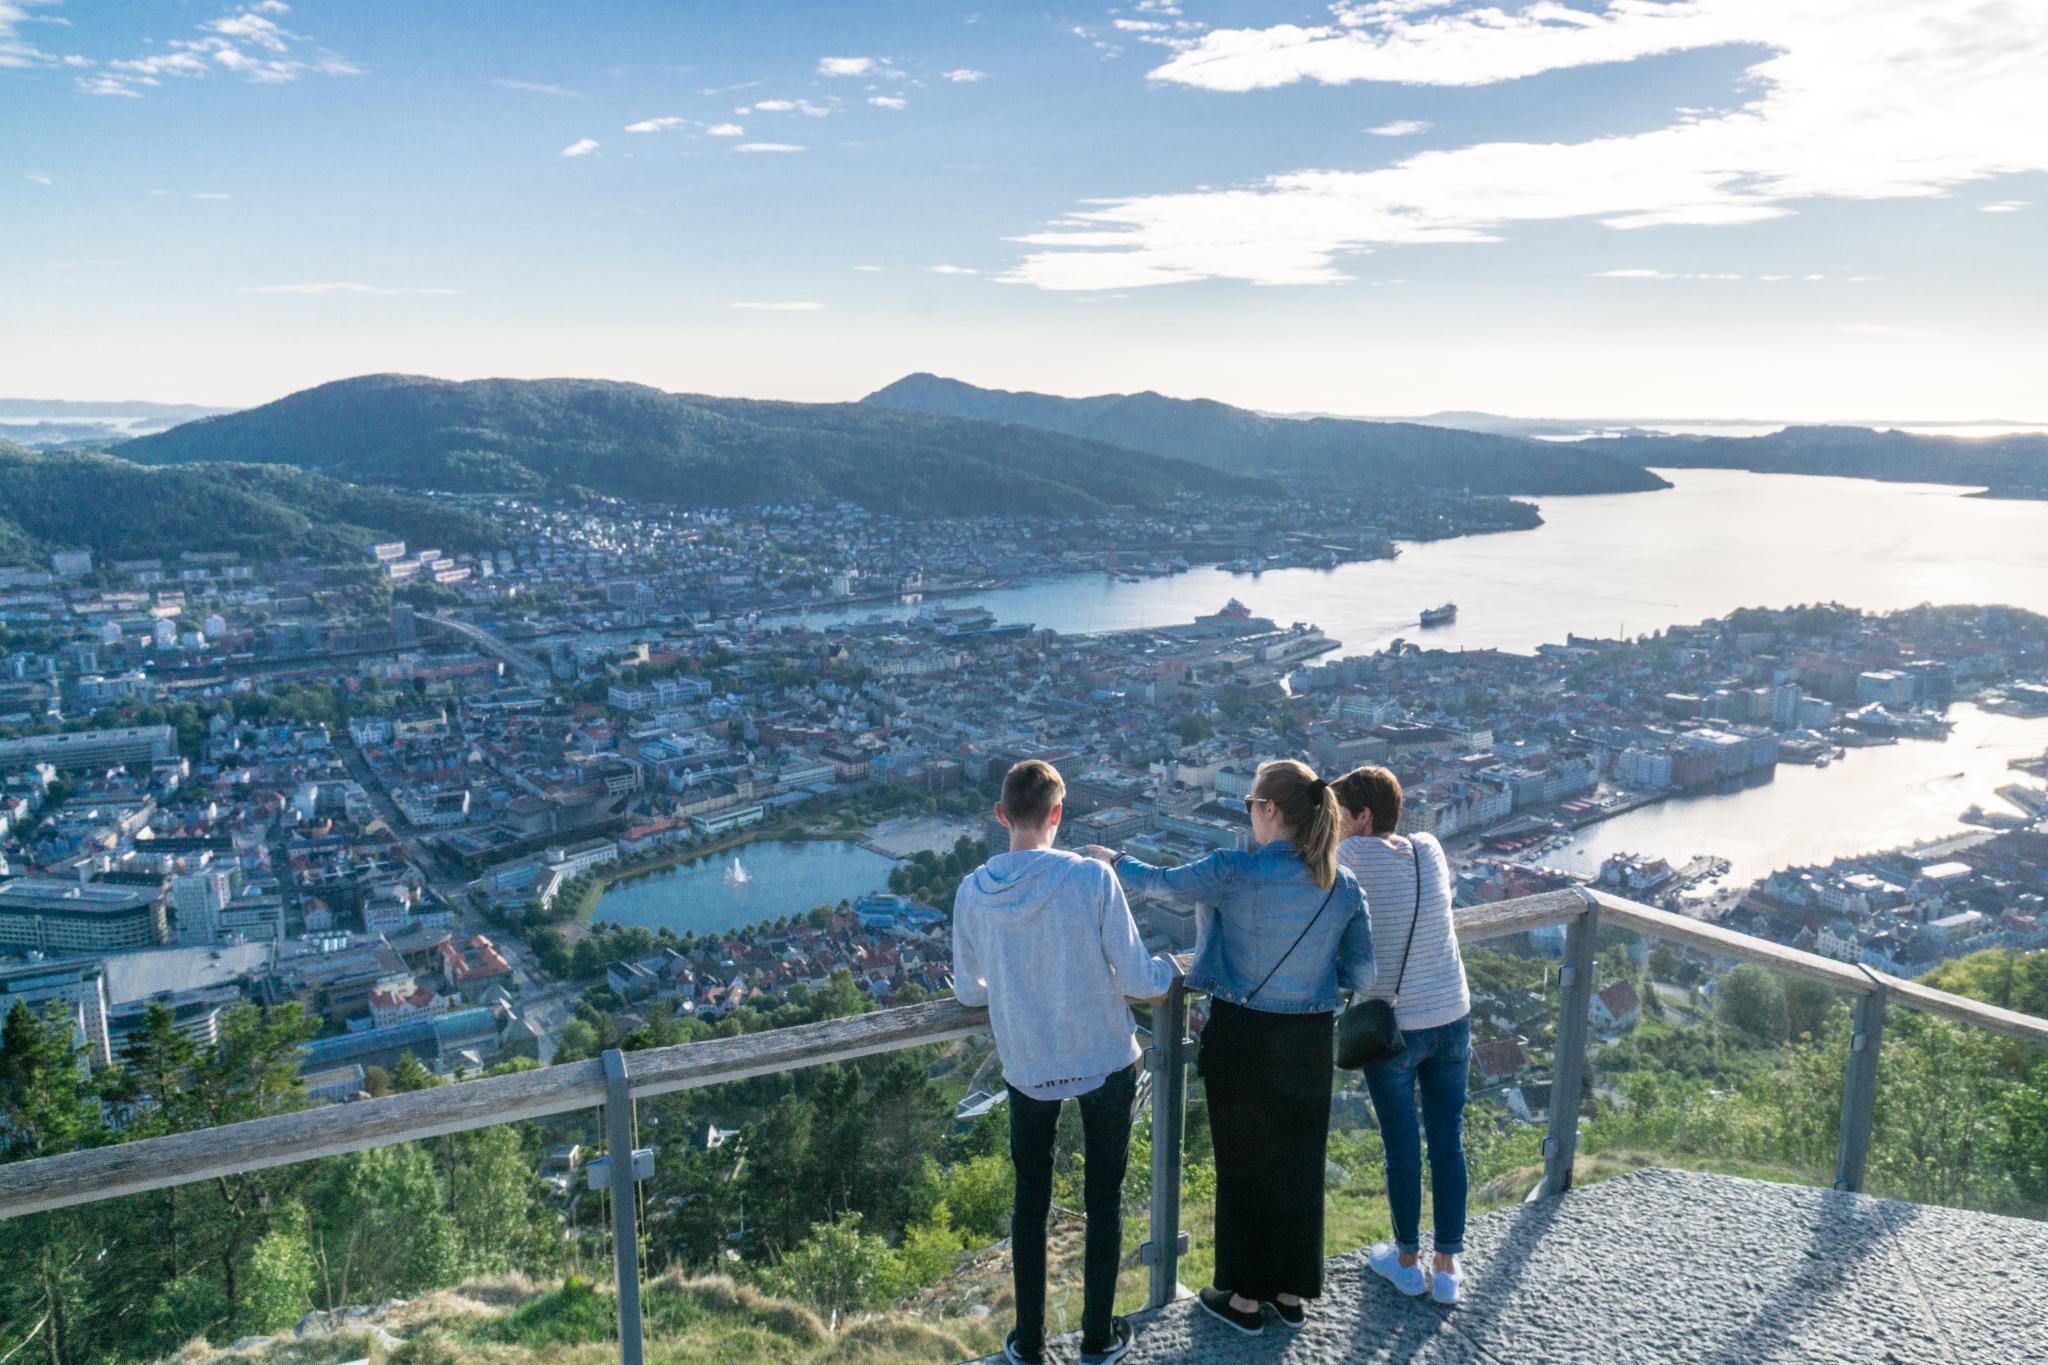 【卑爾根】Fløyen 佛洛伊恩山纜車與觀景台 — 擁抱文化港都的百萬美景 86